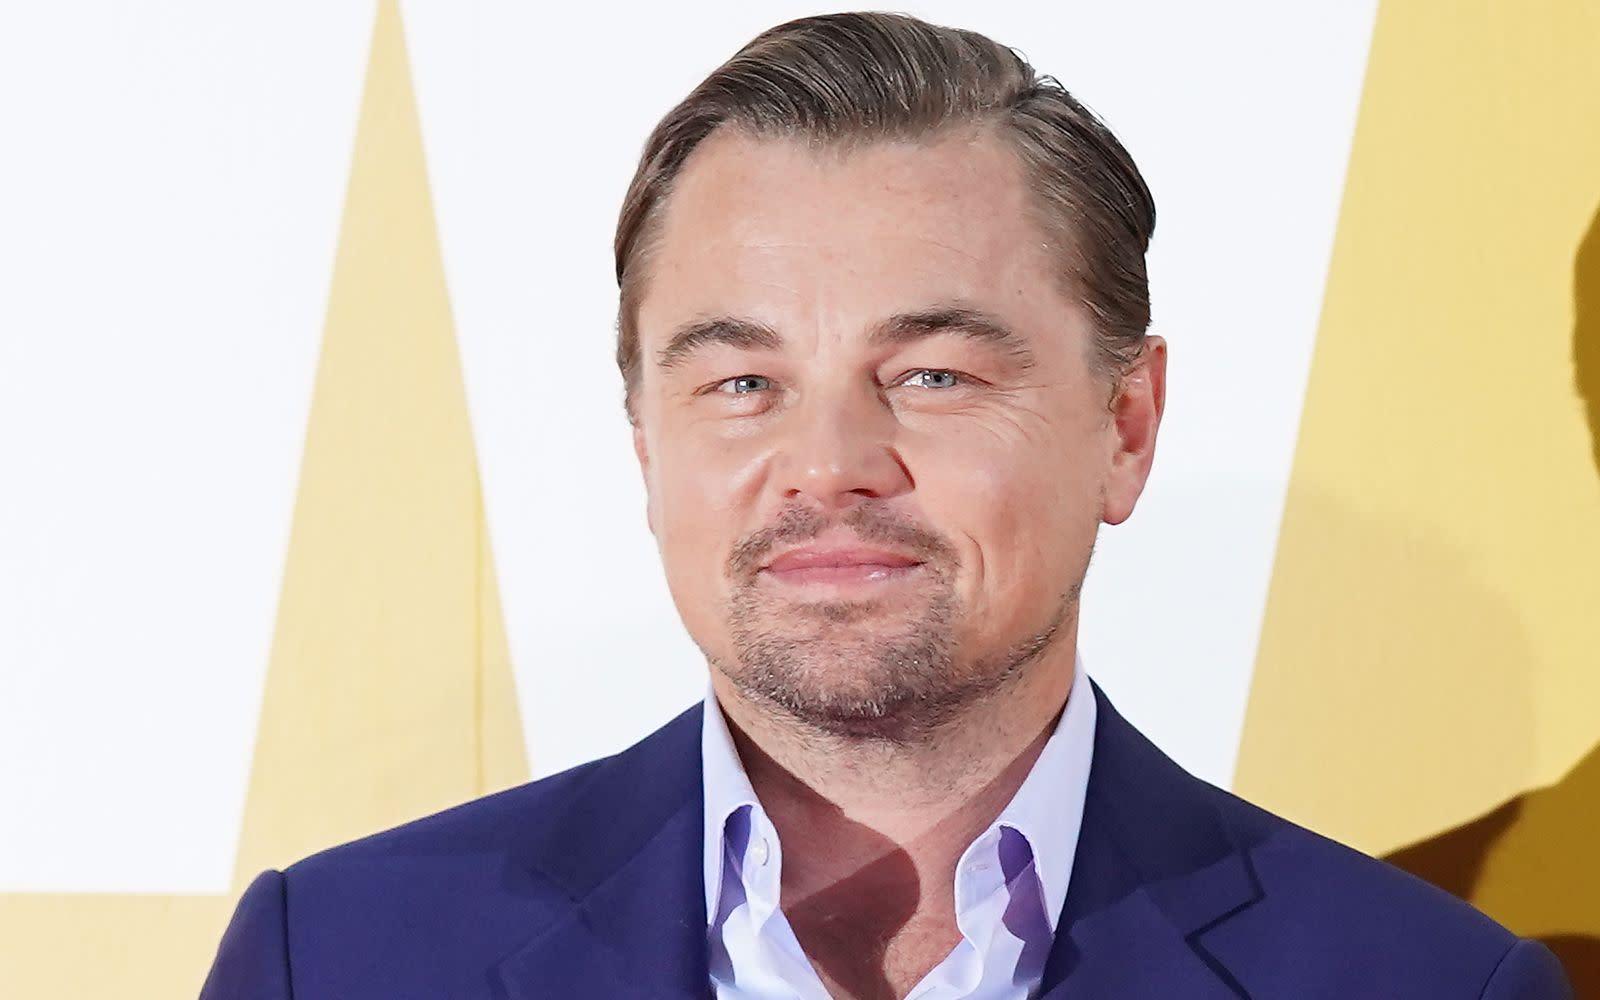 Vom Teenie-Schwarm zum Tarantino-Star: Die unglaubliche Karriere des Leonardo DiCaprio